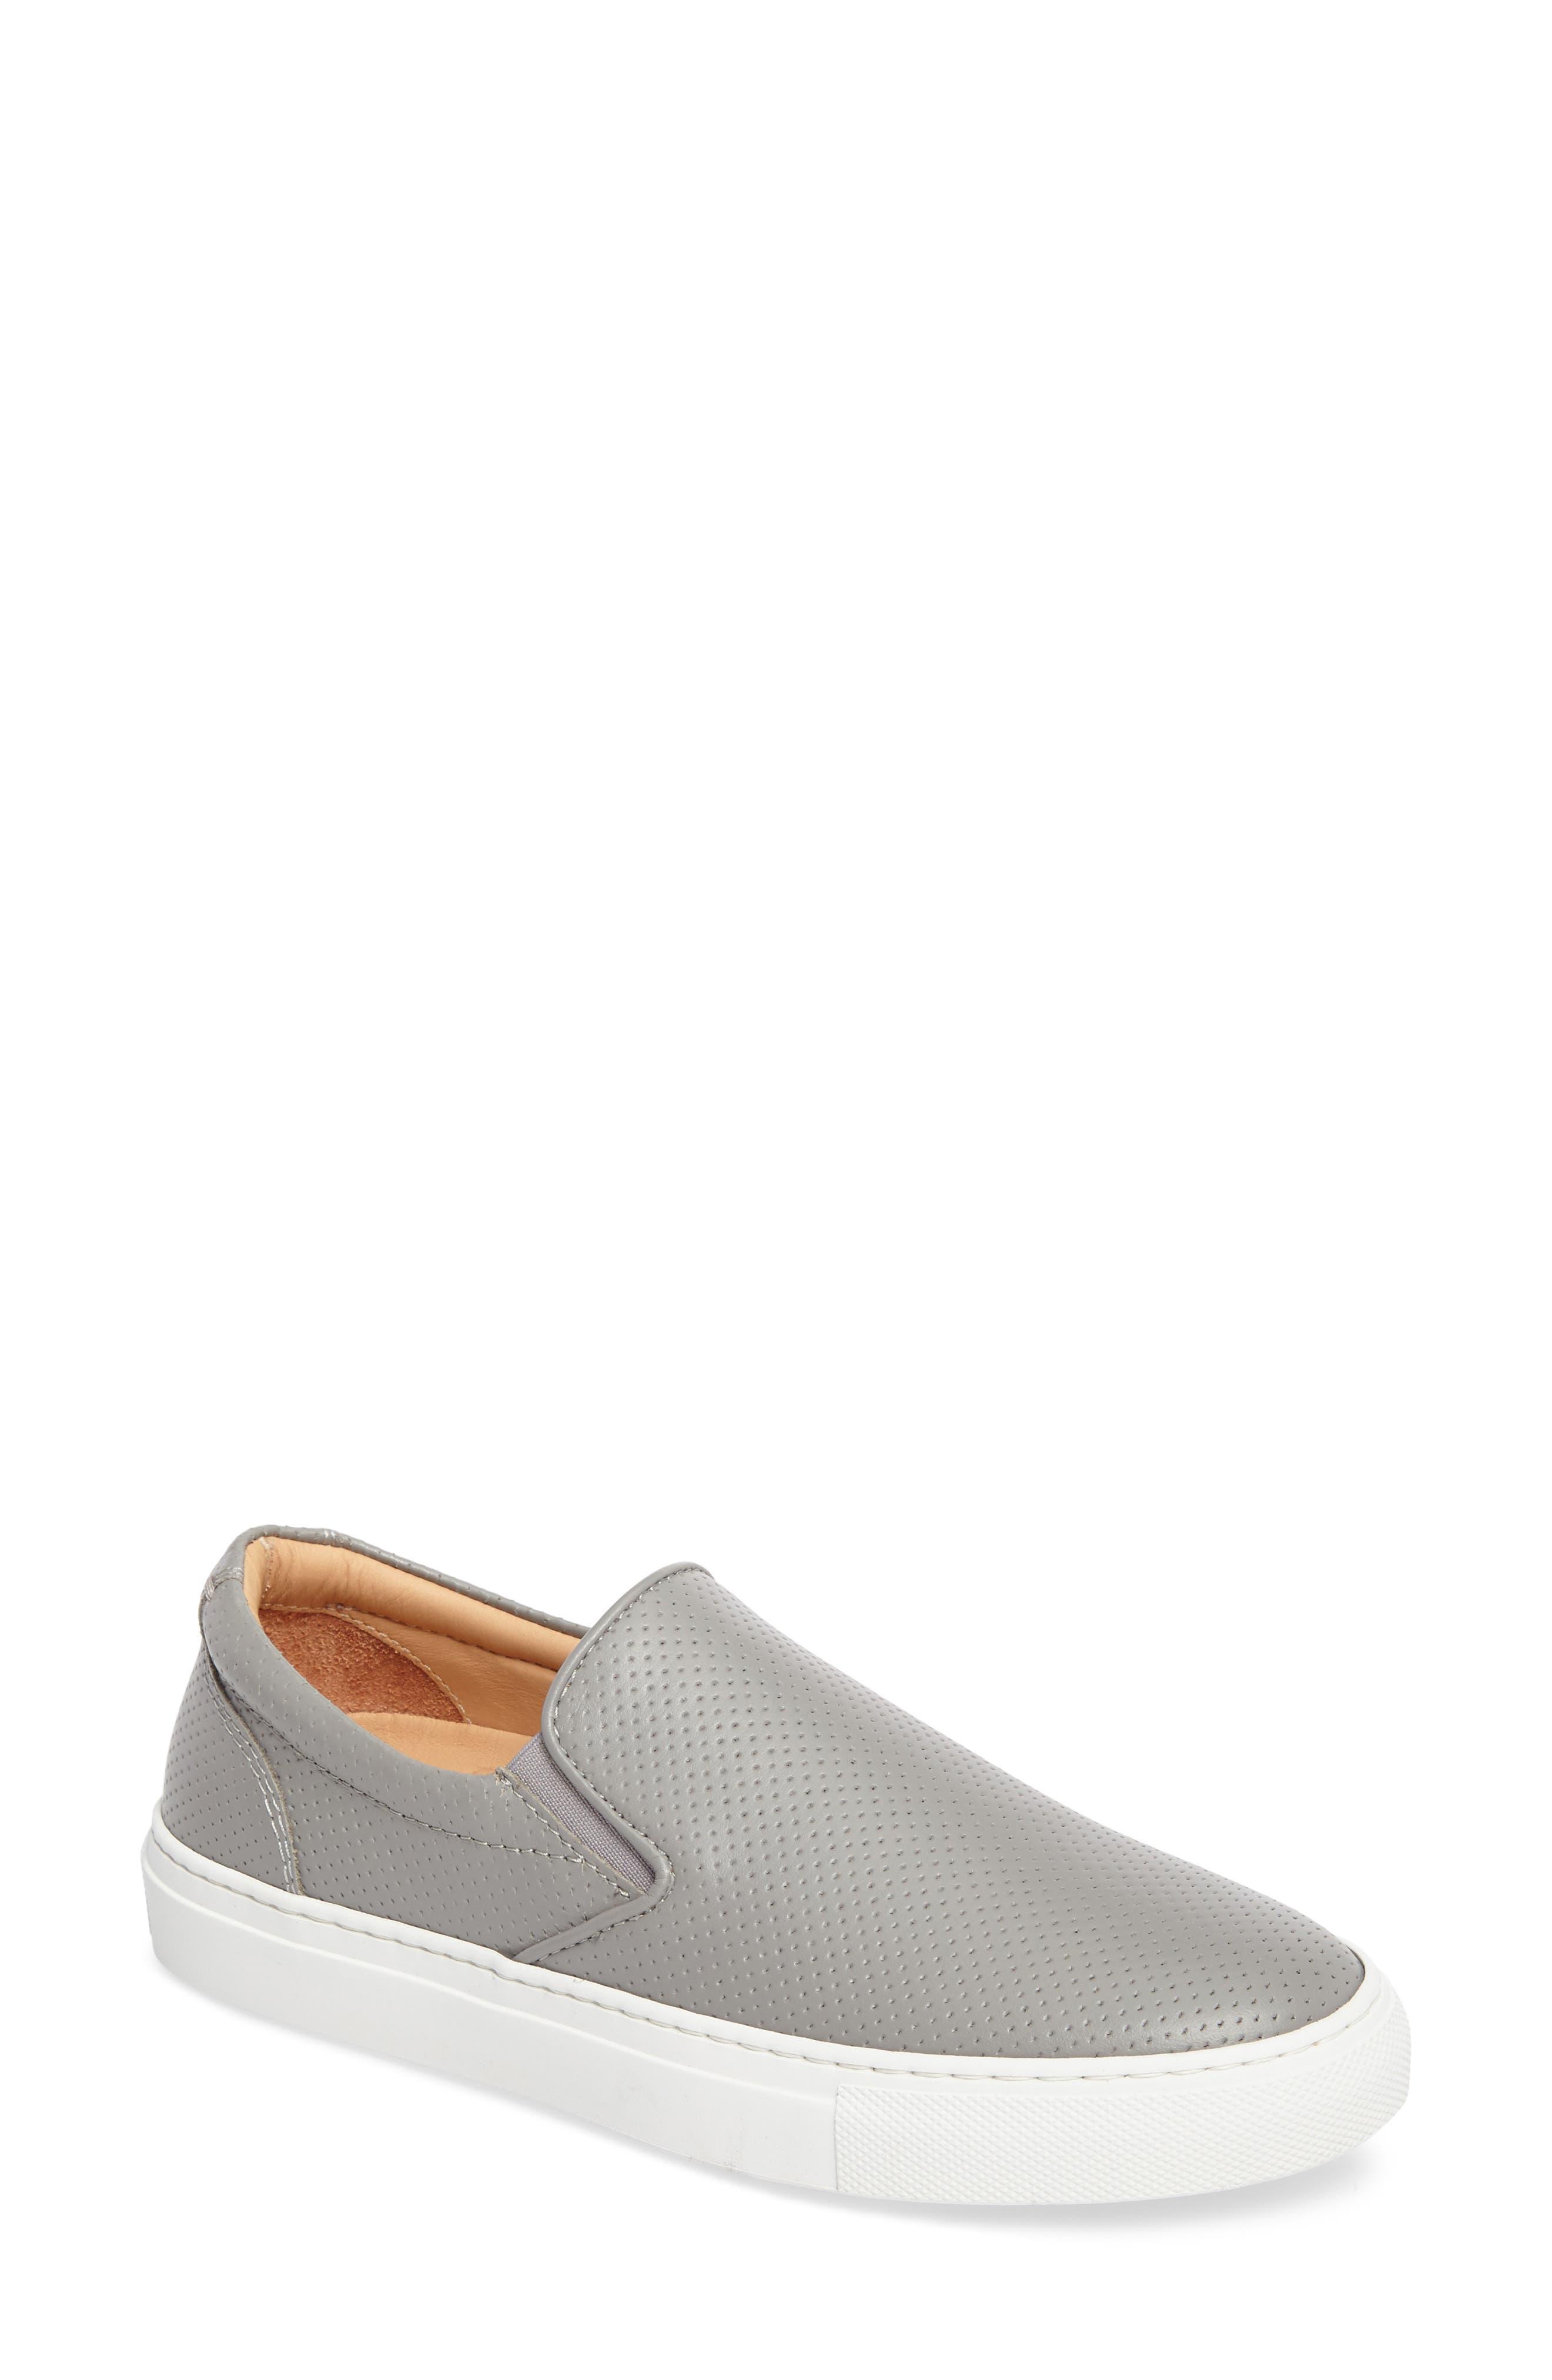 Greats Wooster Slip-On Sneaker (Women)